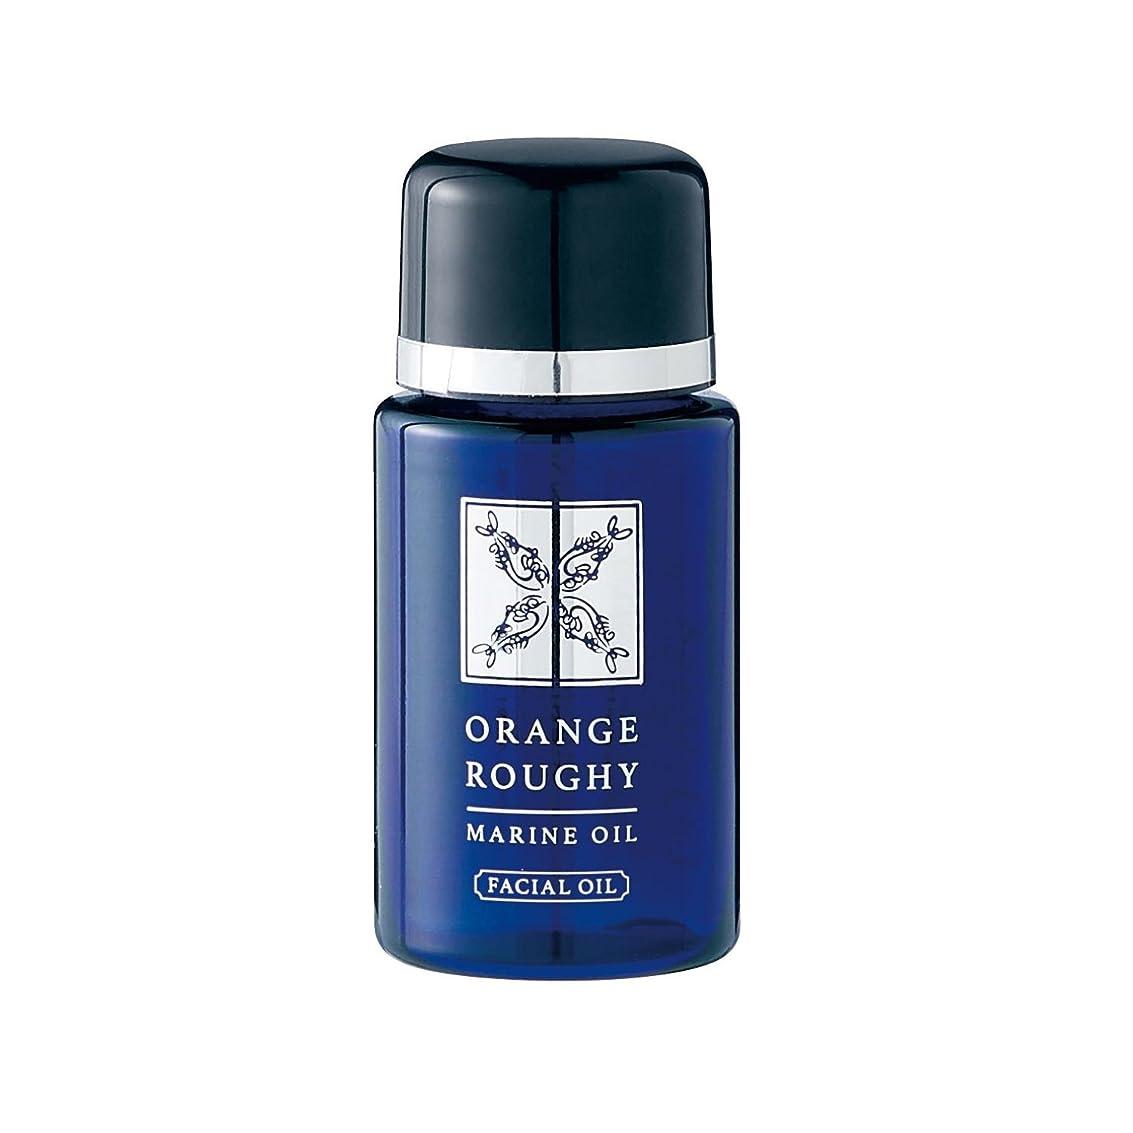 意見湿った致命的なオレンジラフィー お試し用ピュアモイストオイル